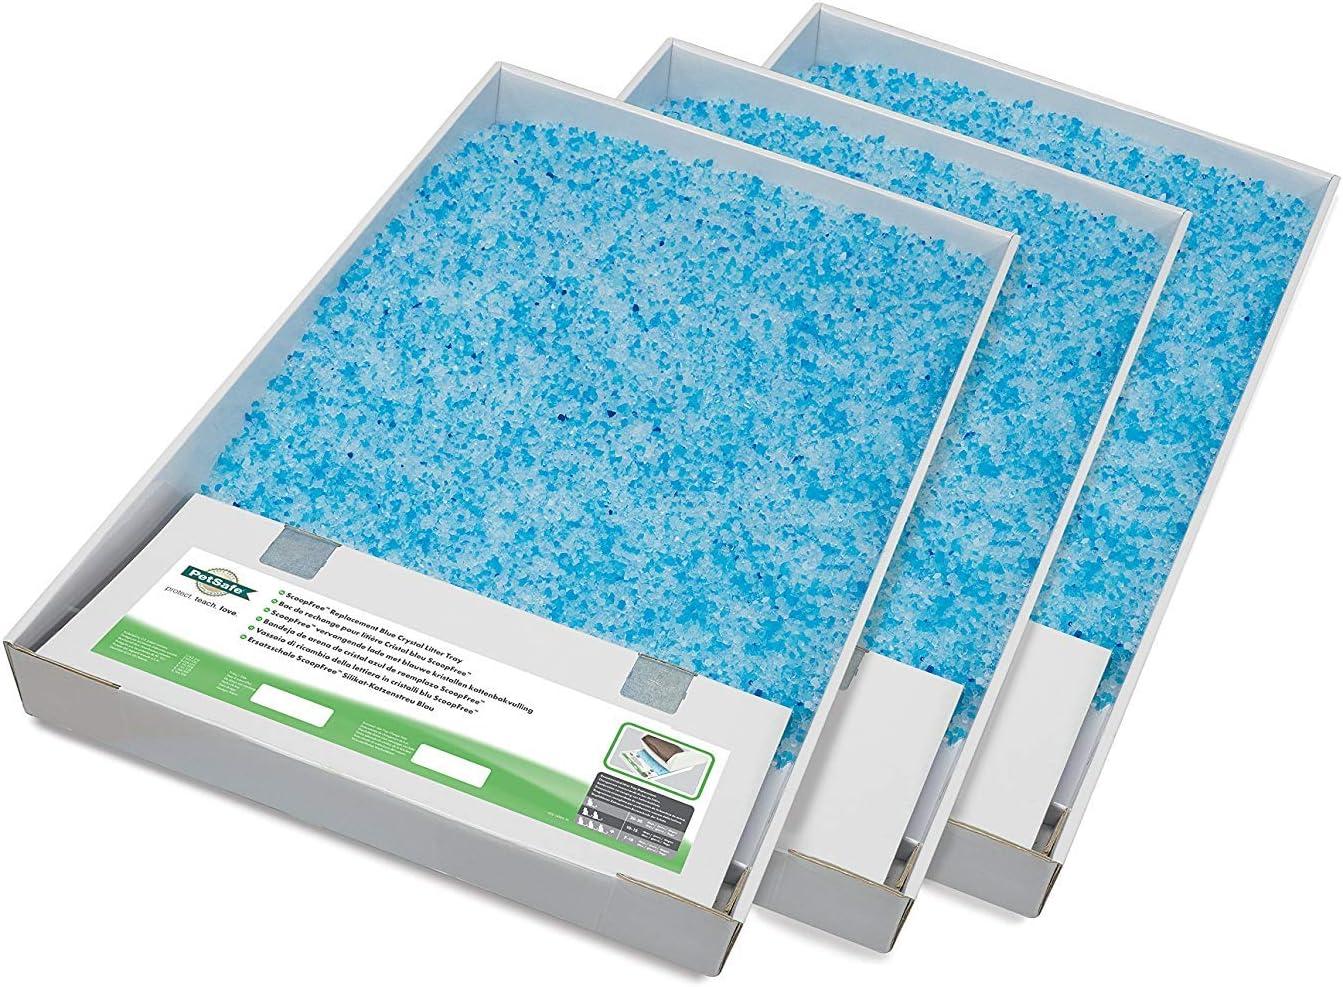 PetSafe PAC19-14264 Bandeja De Arena De Cristal Azul Scoopfree De Repuesto (3 Unidades)